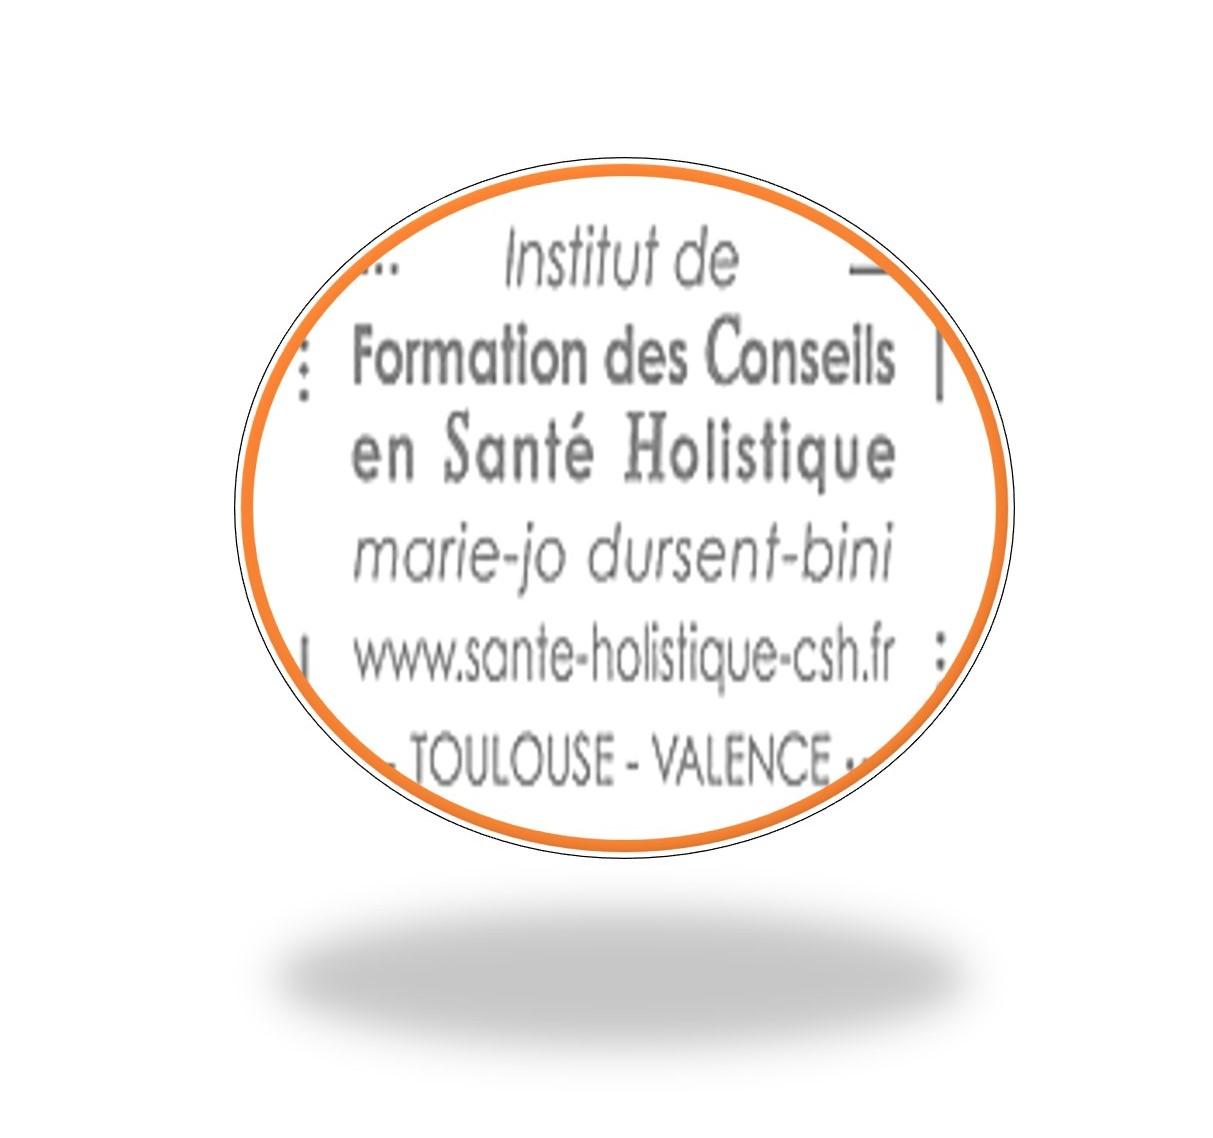 composition1-institut-formation-conseils-sante-holistique